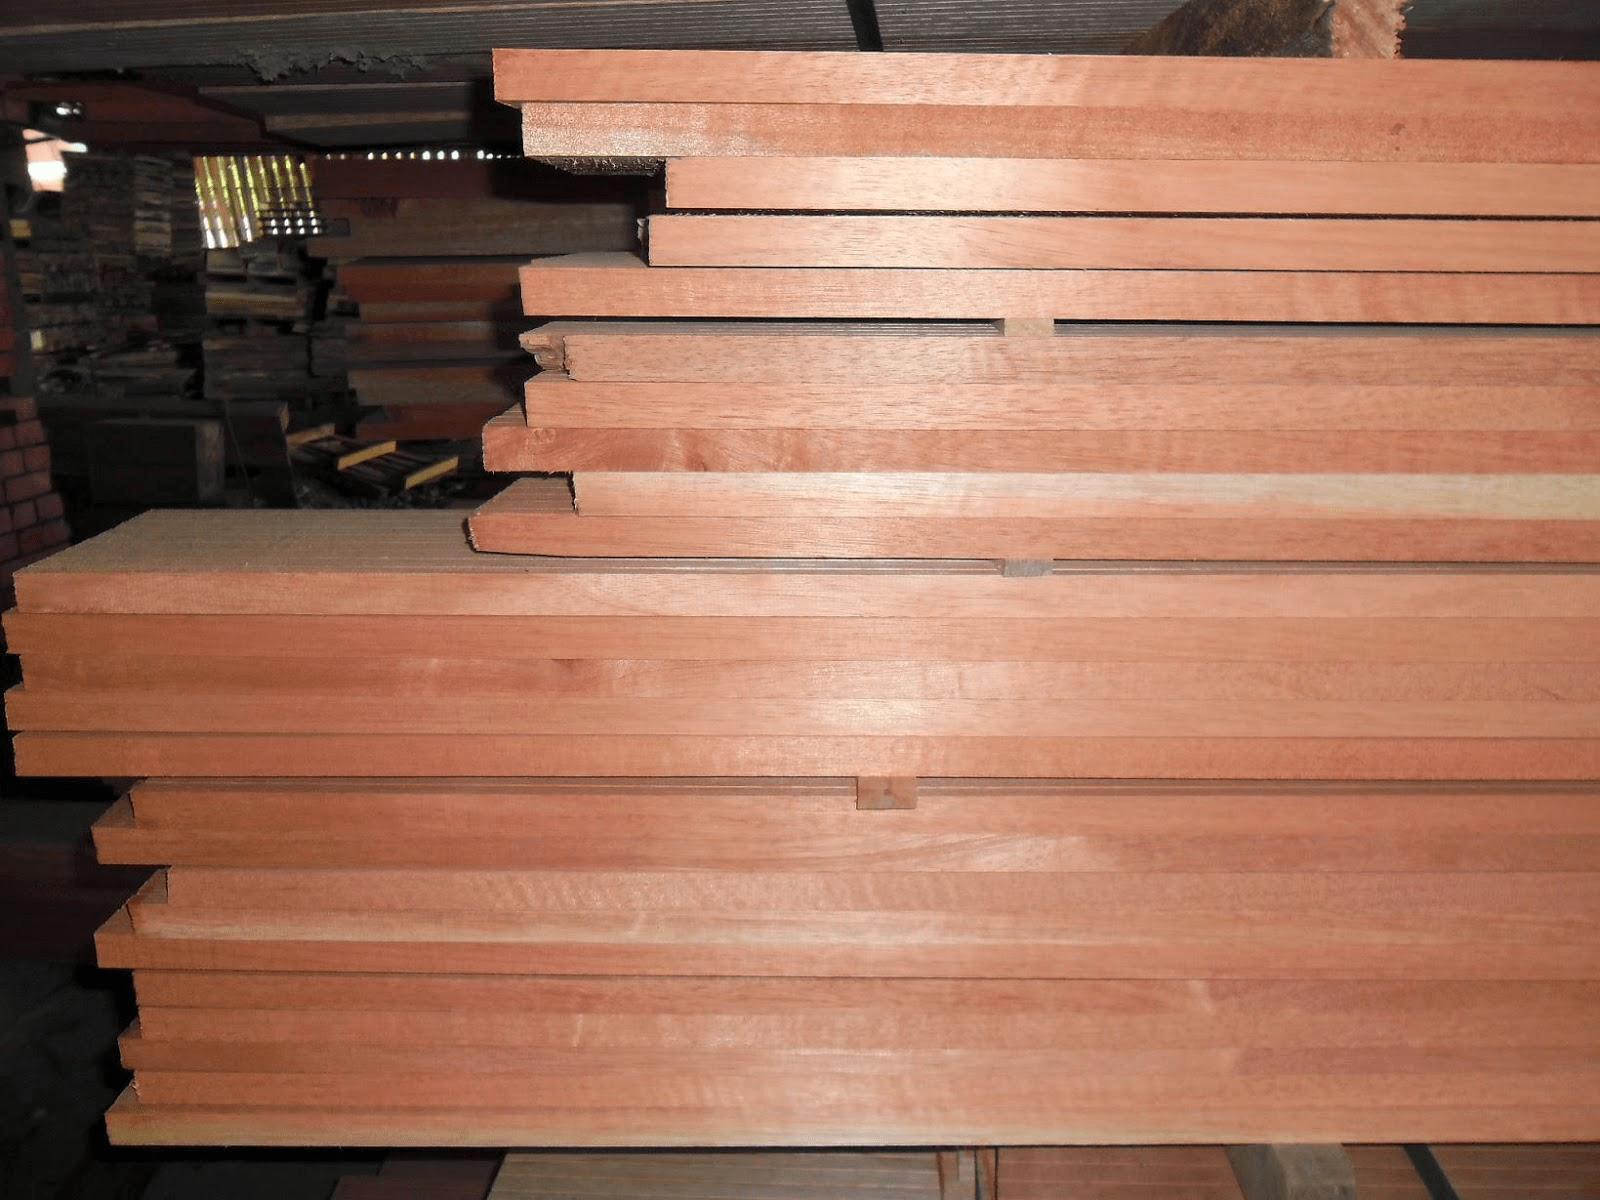 Kinh nghiệm mua gỗ nhà yến tại TPHCM chất lượng, giá rẻ